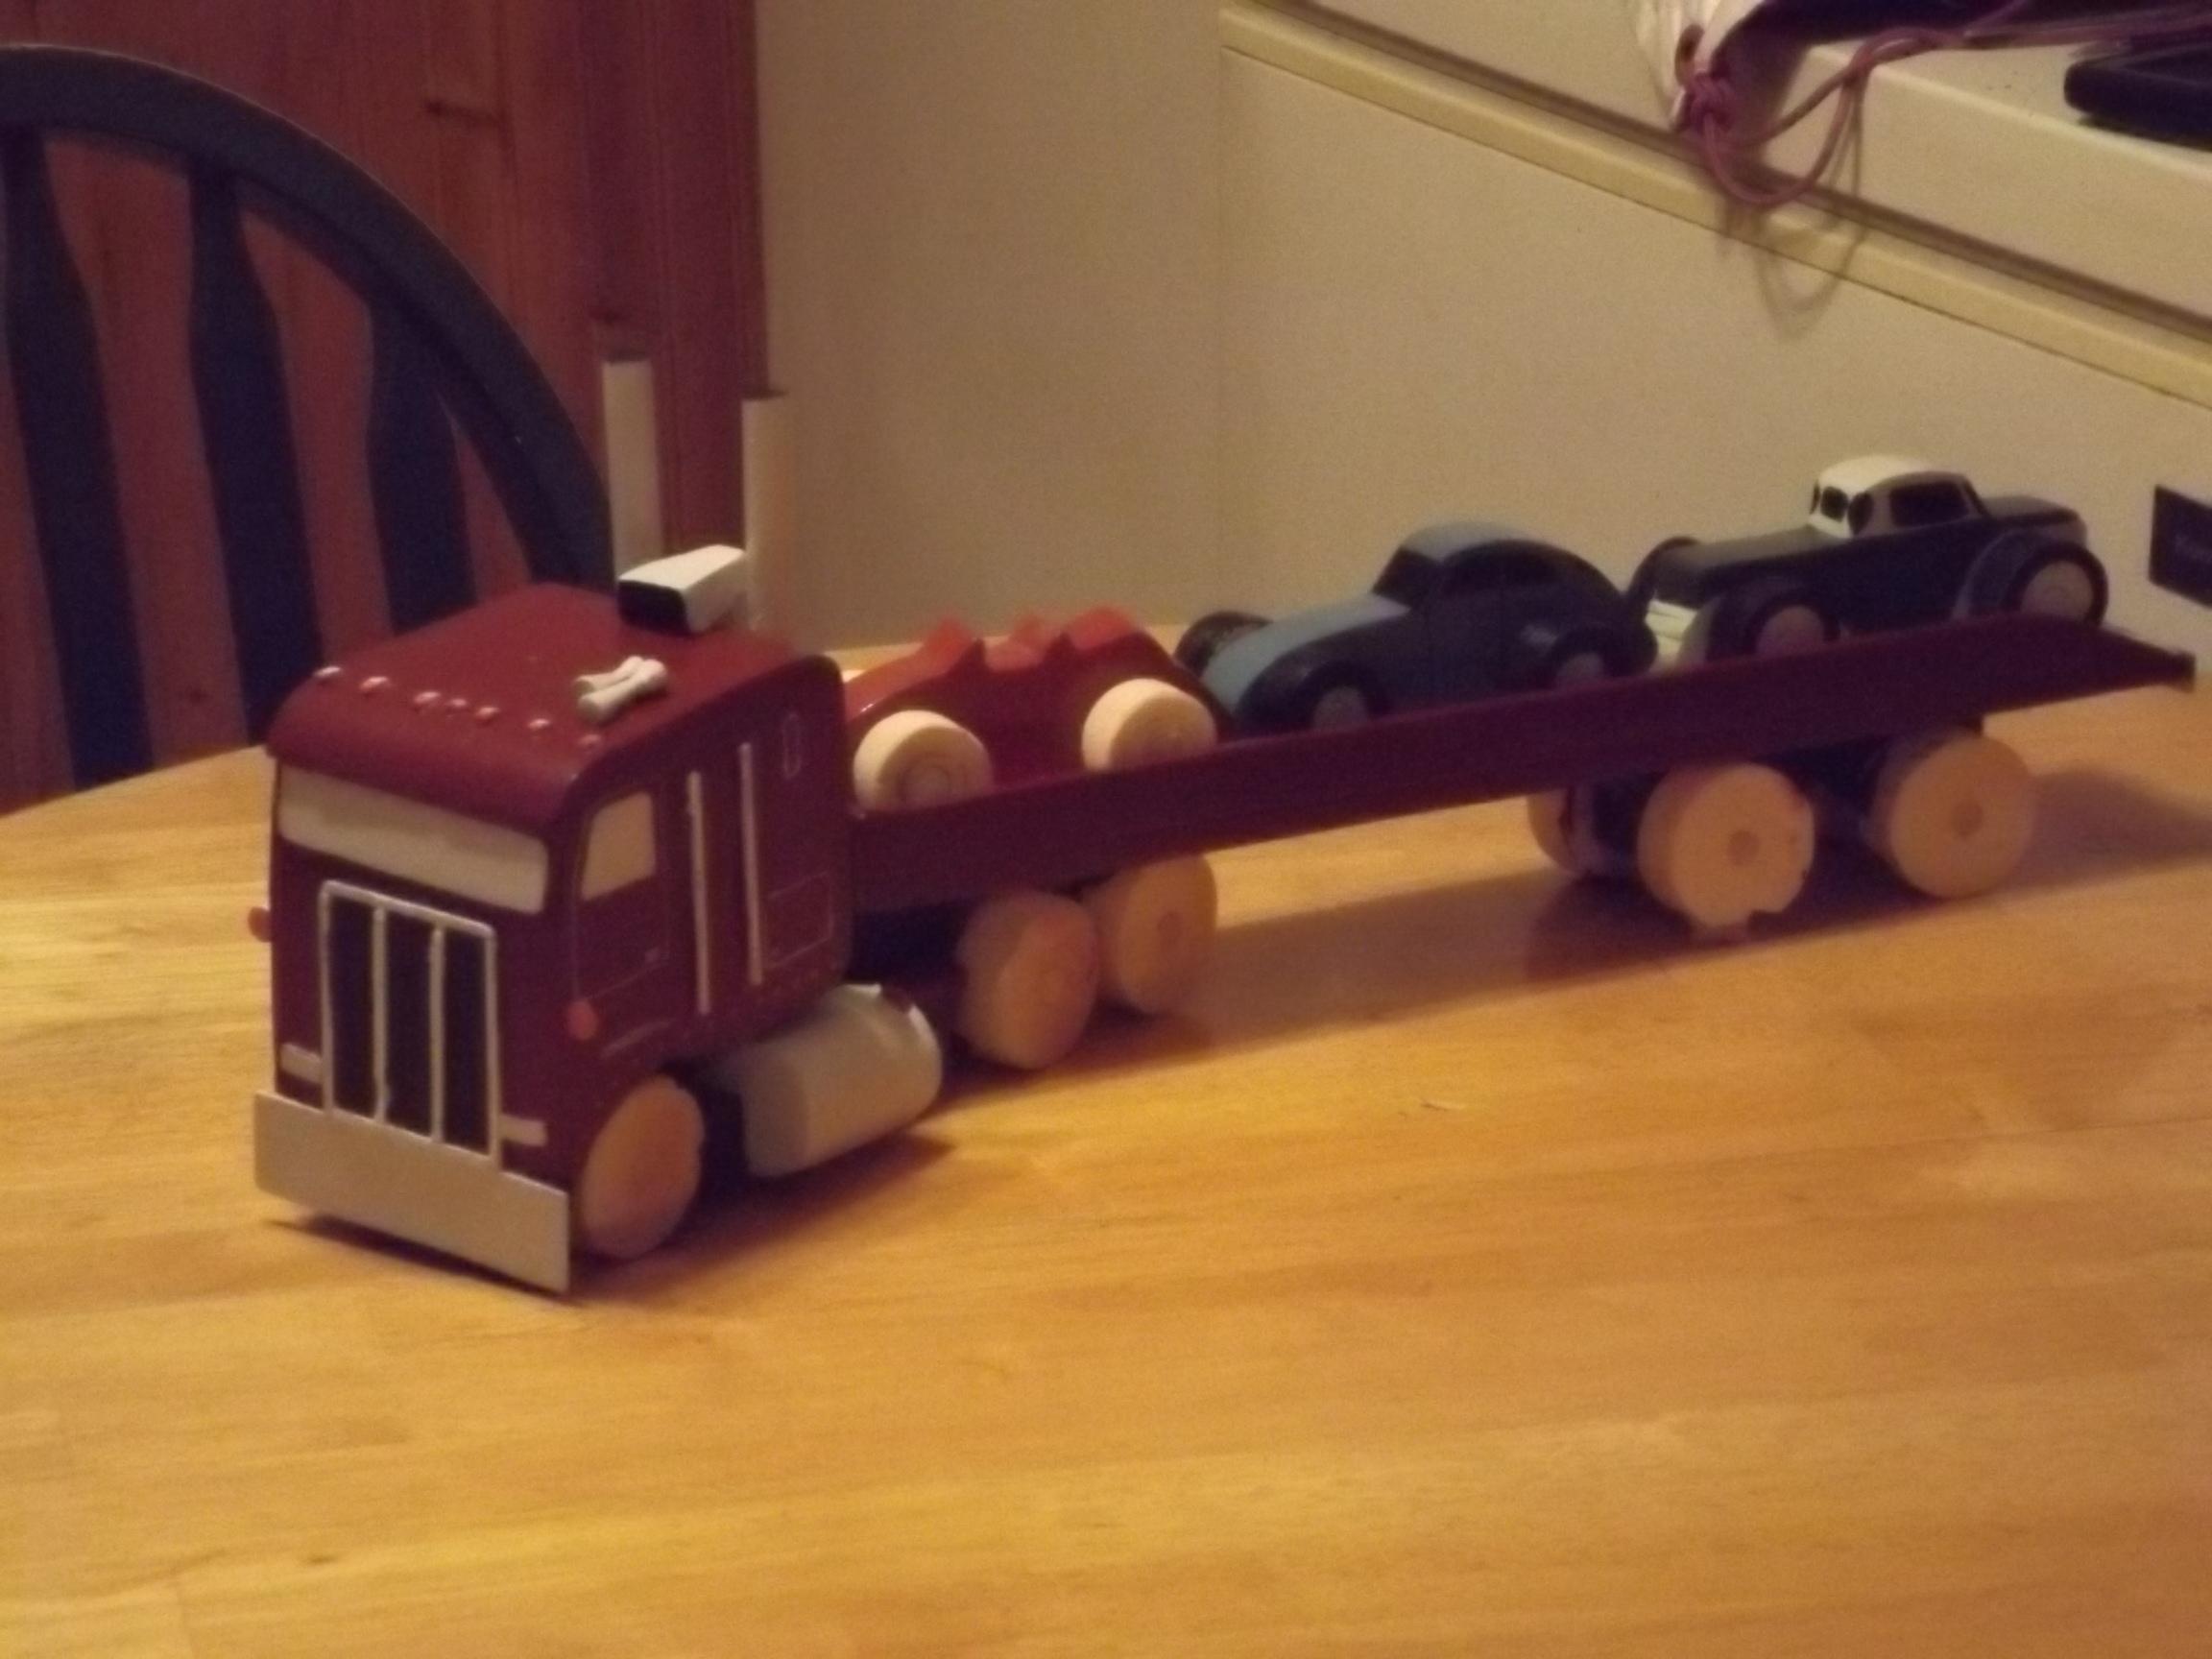 wooden toys 006.JPG